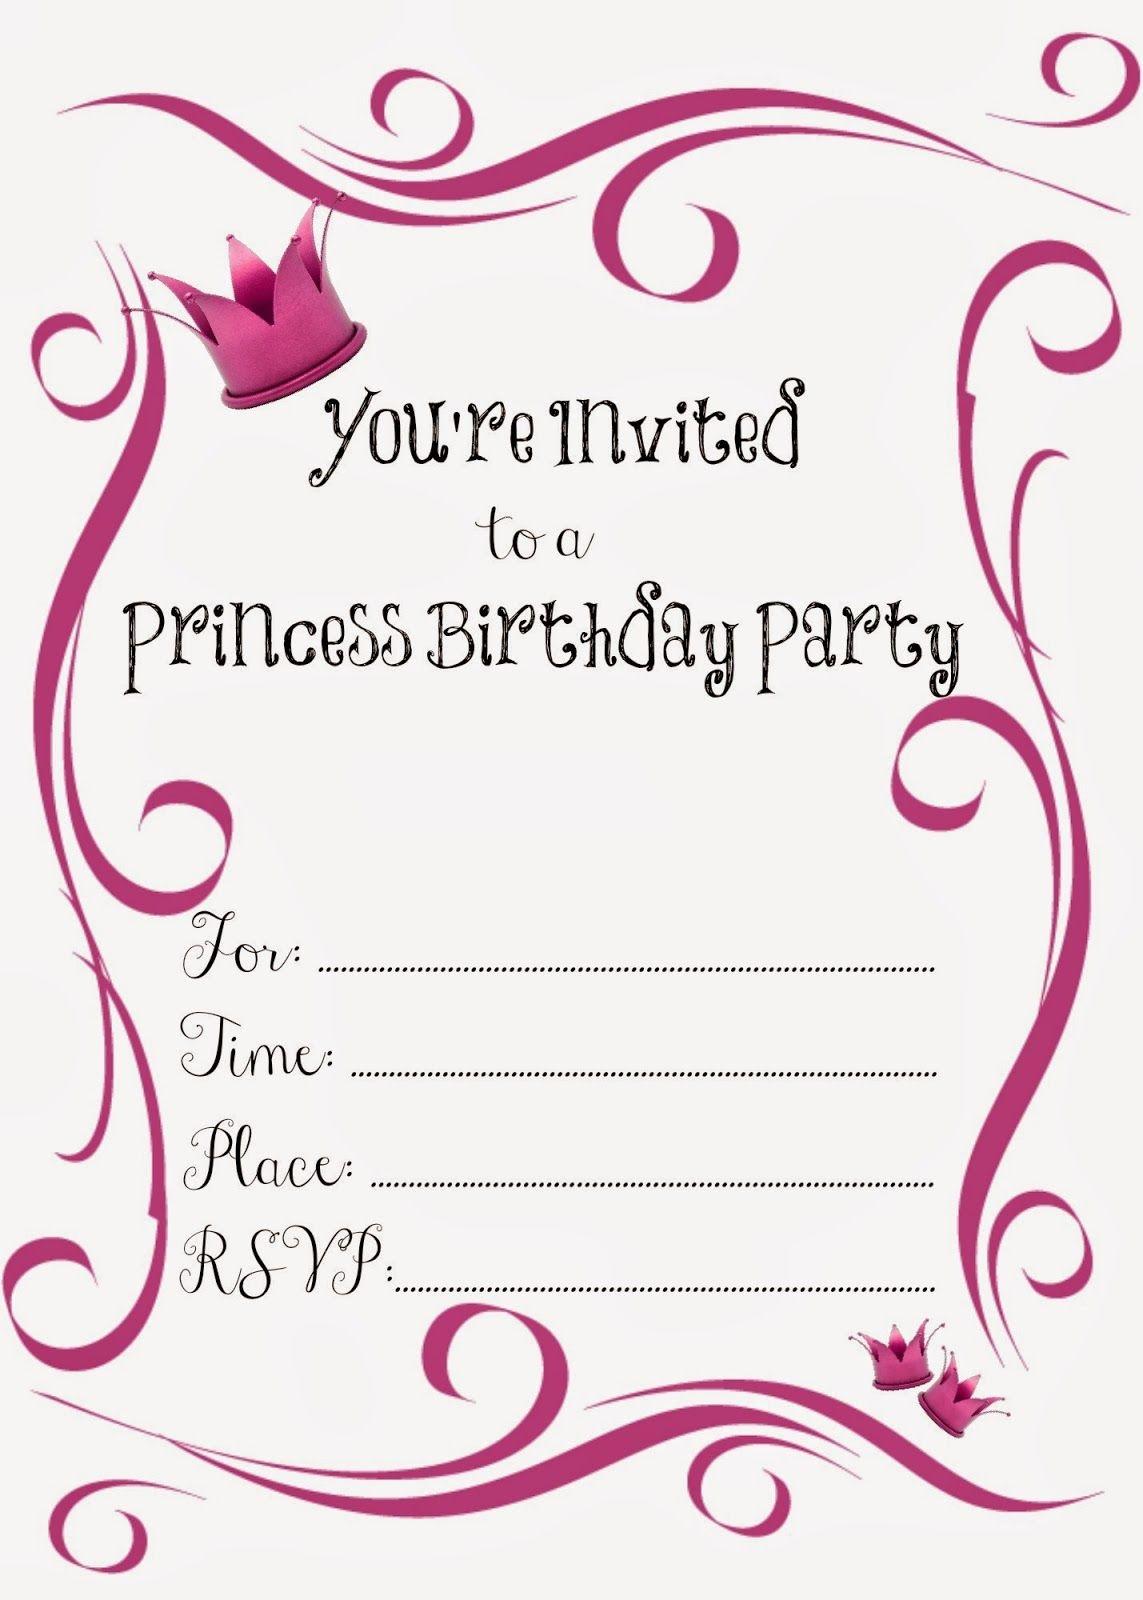 Free Printable Princess Birthday Party Invitations | Printables - Free Printable Princess Birthday Banner